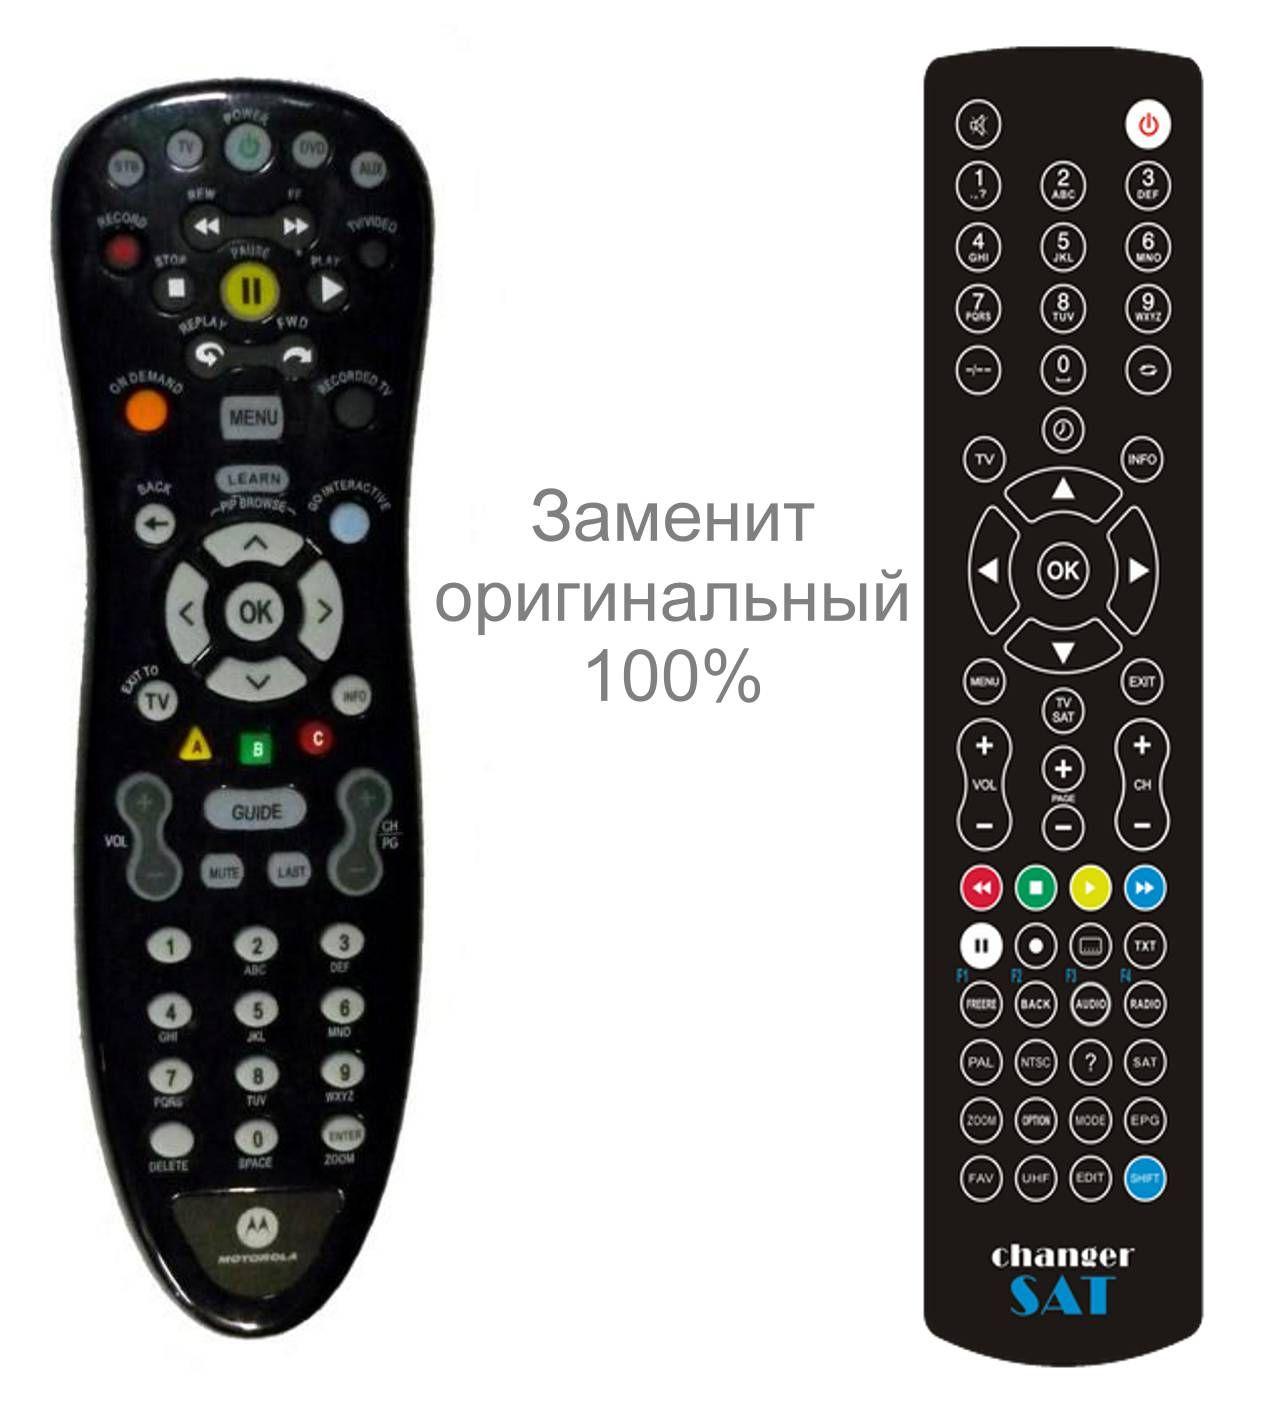 Motorola Vip2262e Инструкция Скачать Pdf